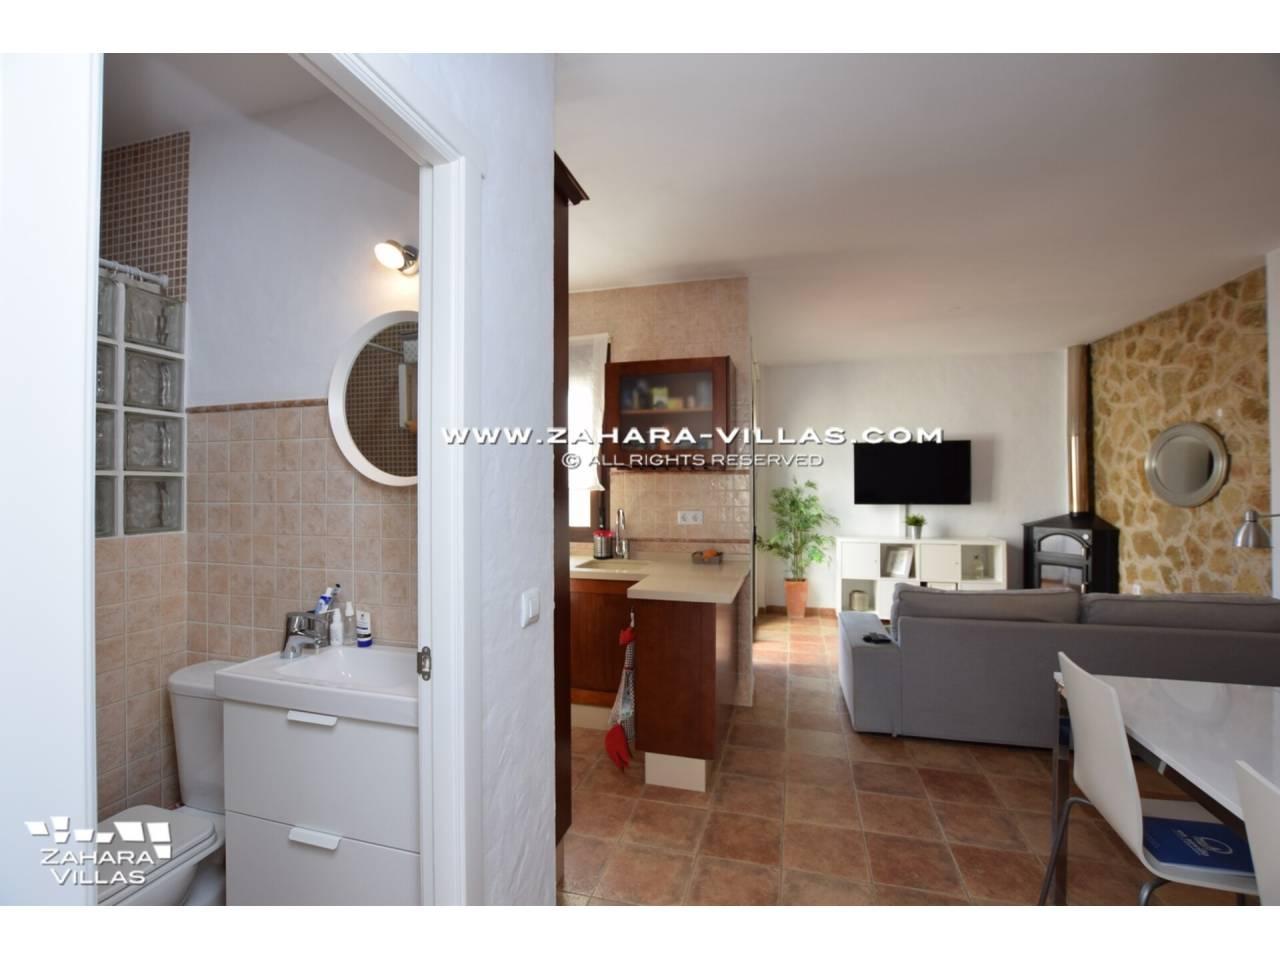 Imagen 29 de Haus zum verkauf in Zahara de los Atunes